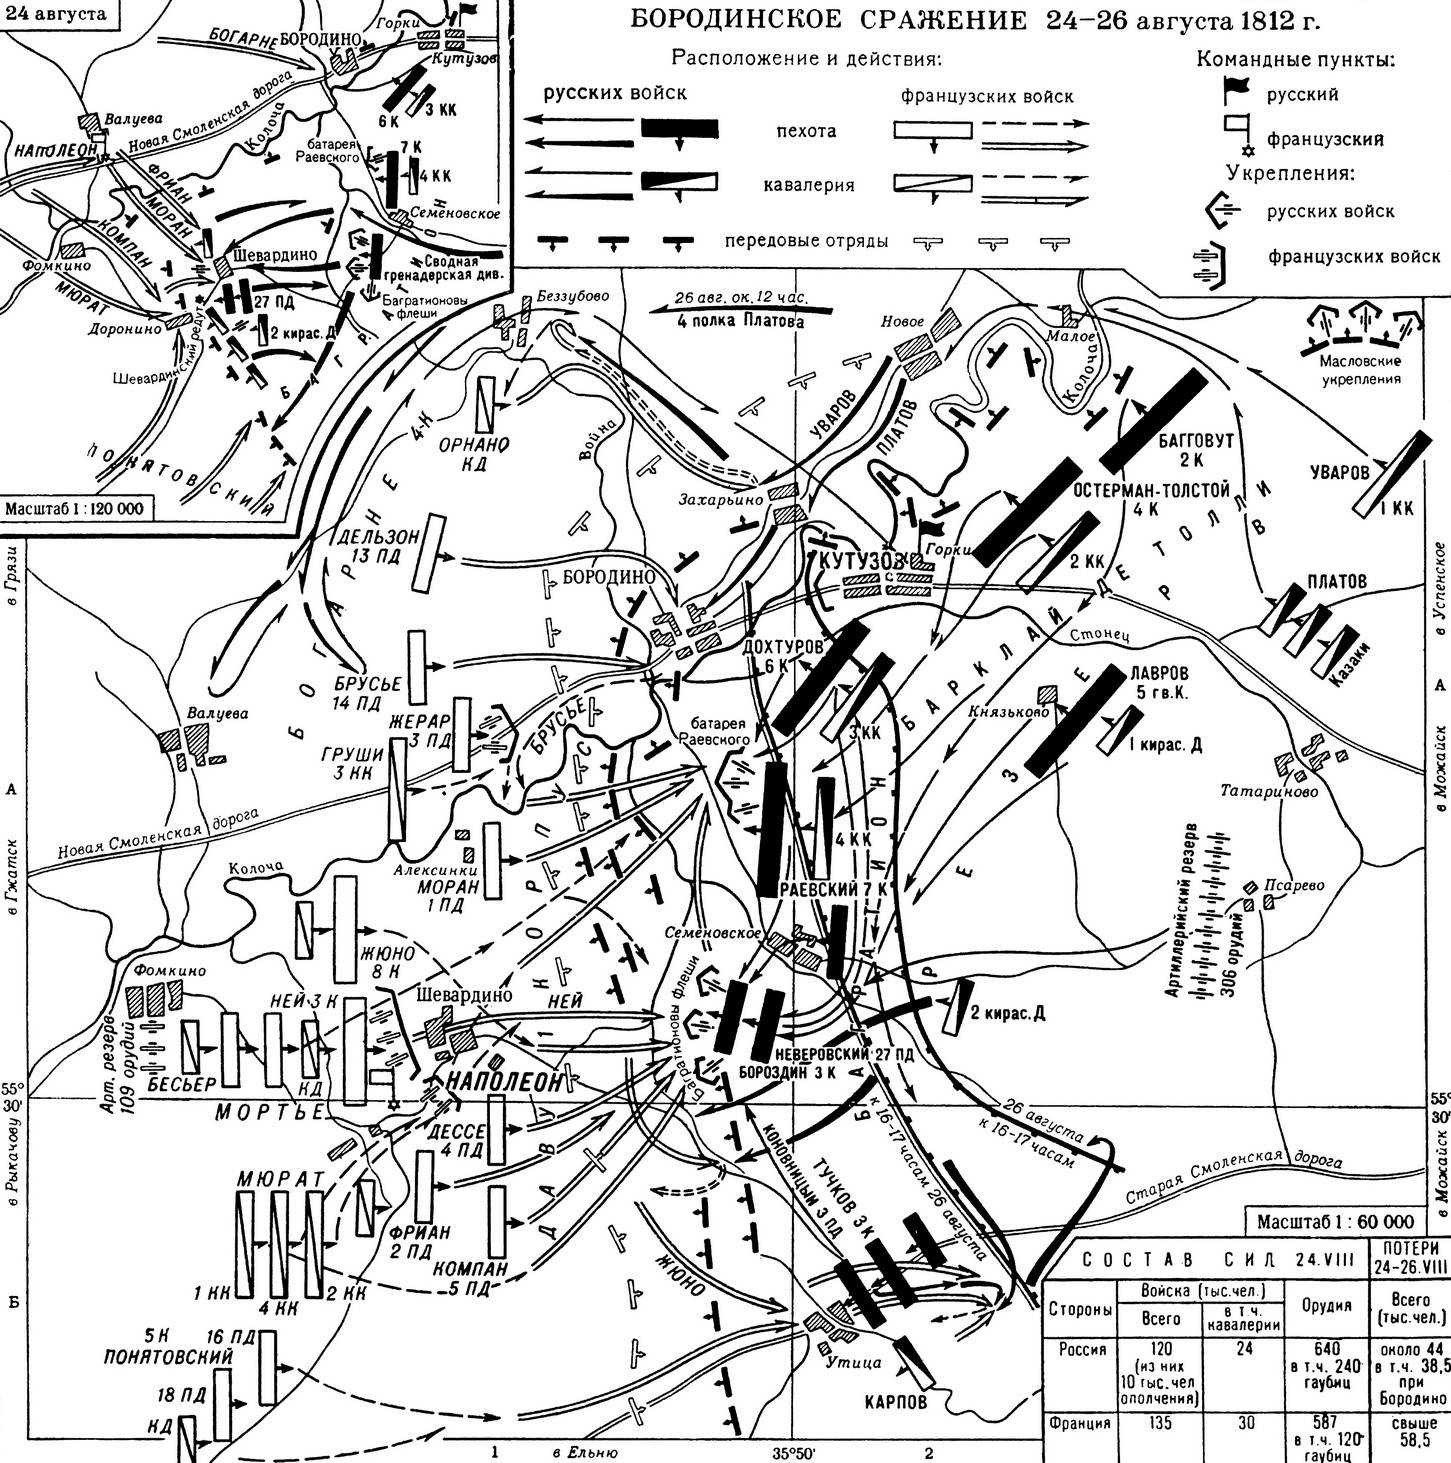 Сегодня ровно 199 лет со дня Бородинской битвы!